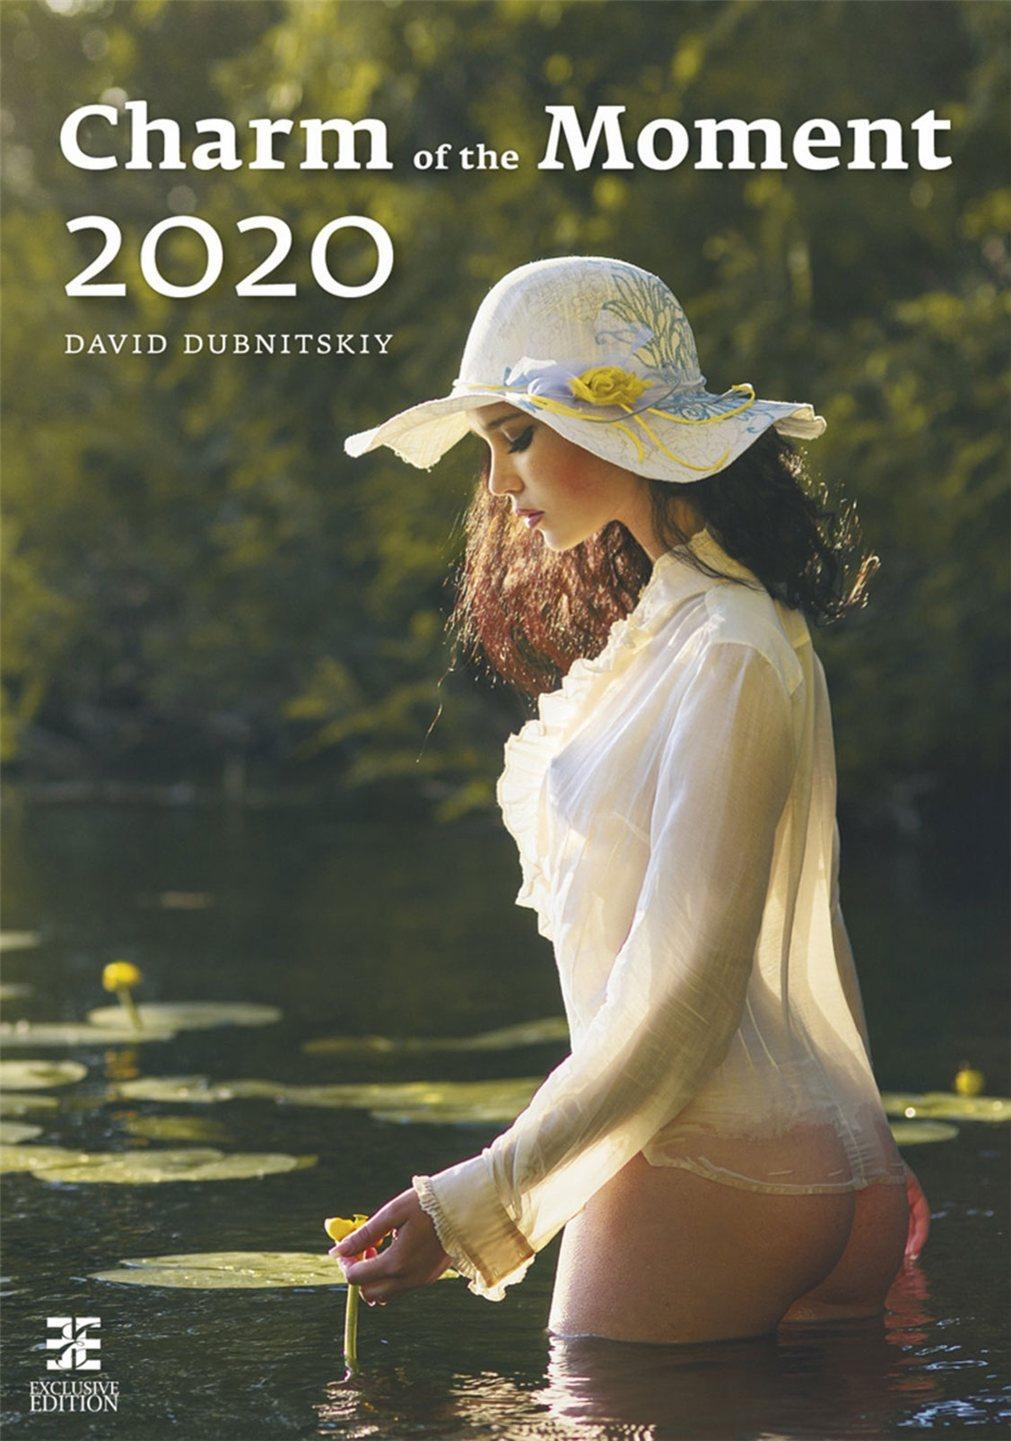 Календарь на 2020 год / фотограф Давид Дубницкий